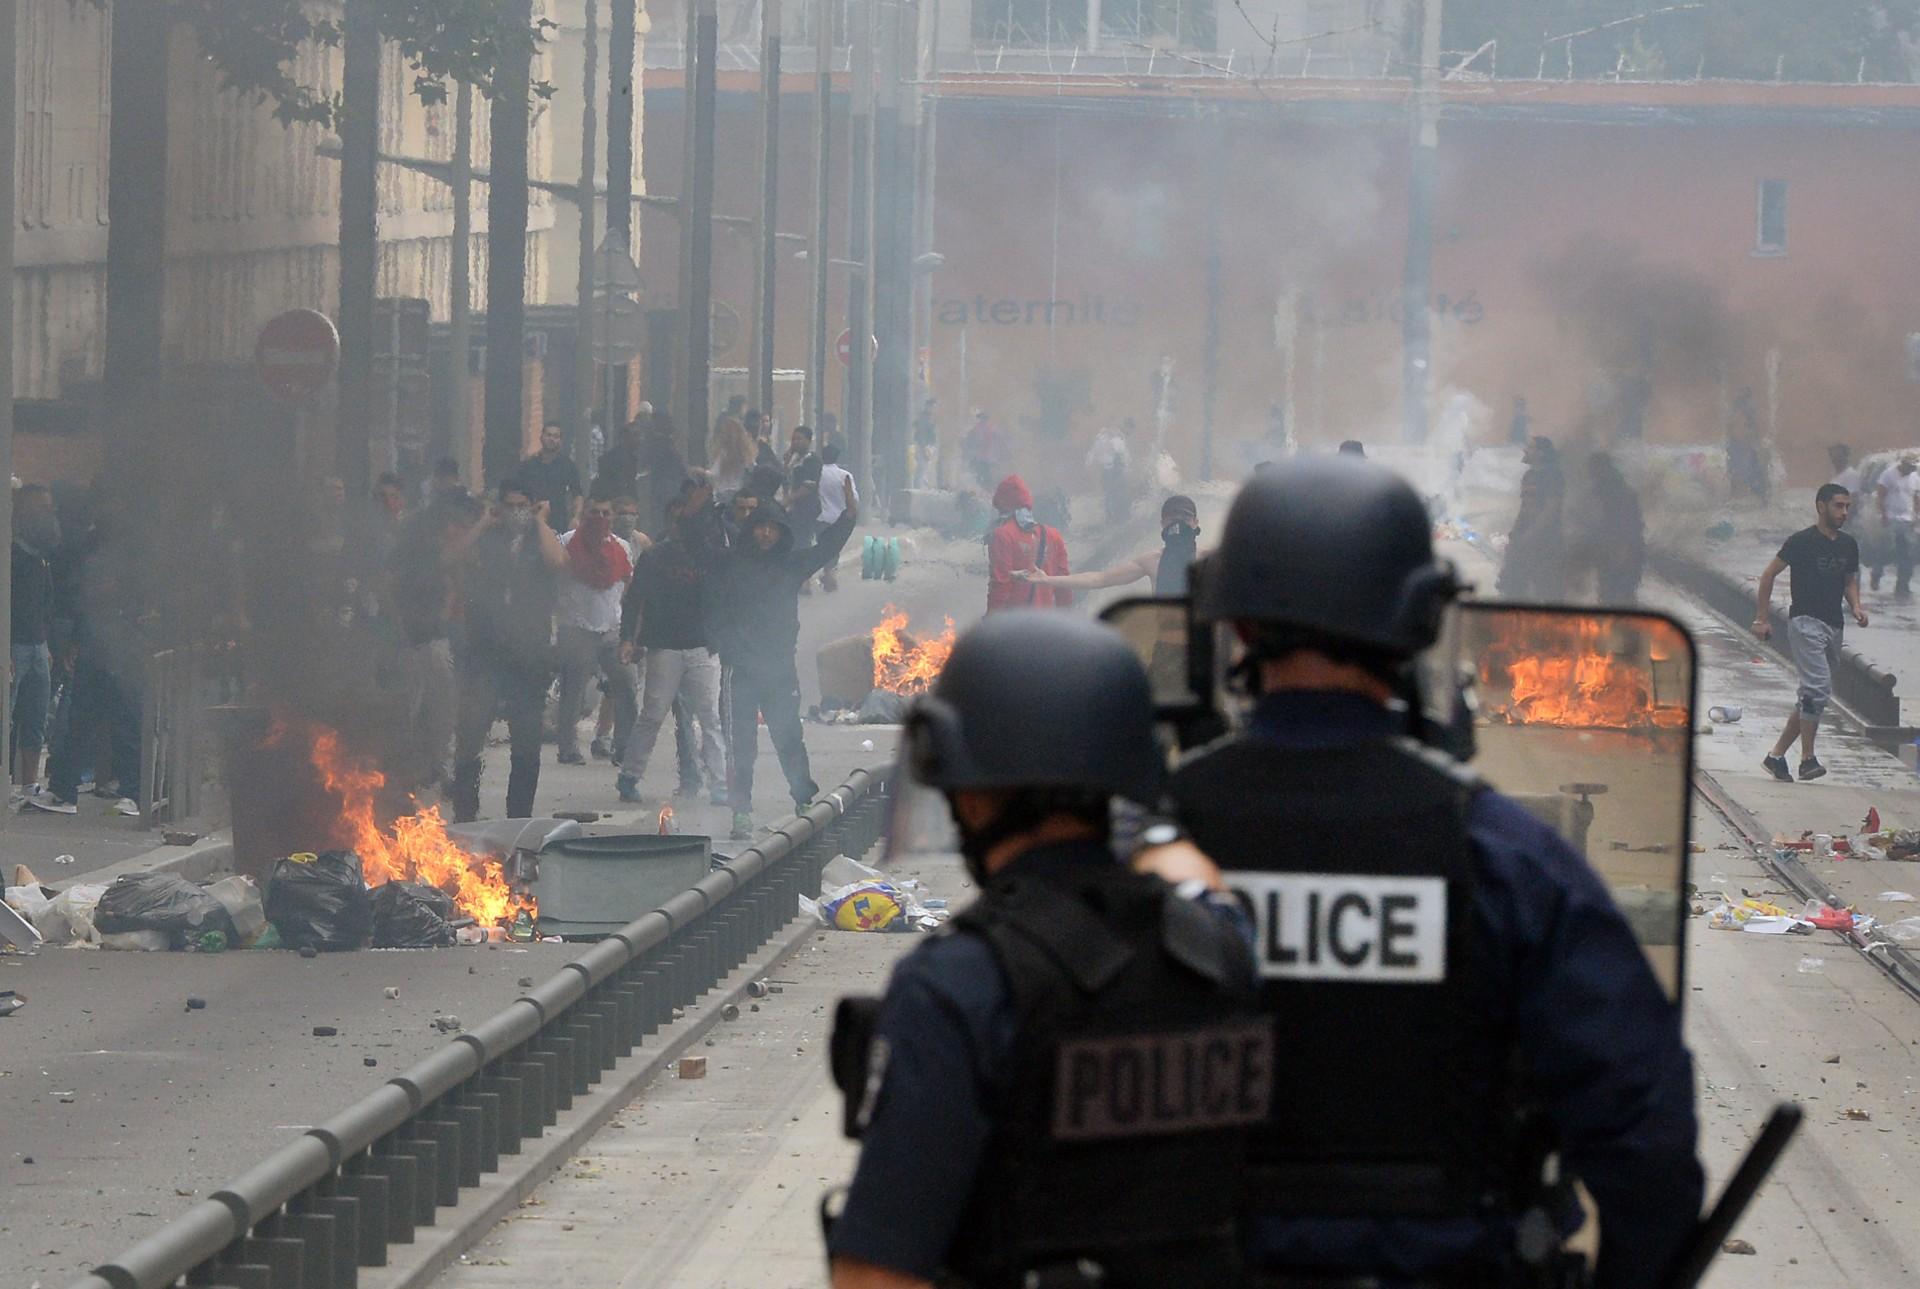 Scènes d'émeutes à Sarcelles, en marge d'une manifestation contre l'intervention militaire israélienne dans la bande de Gaza, 20 juillet 2014. © Crédit